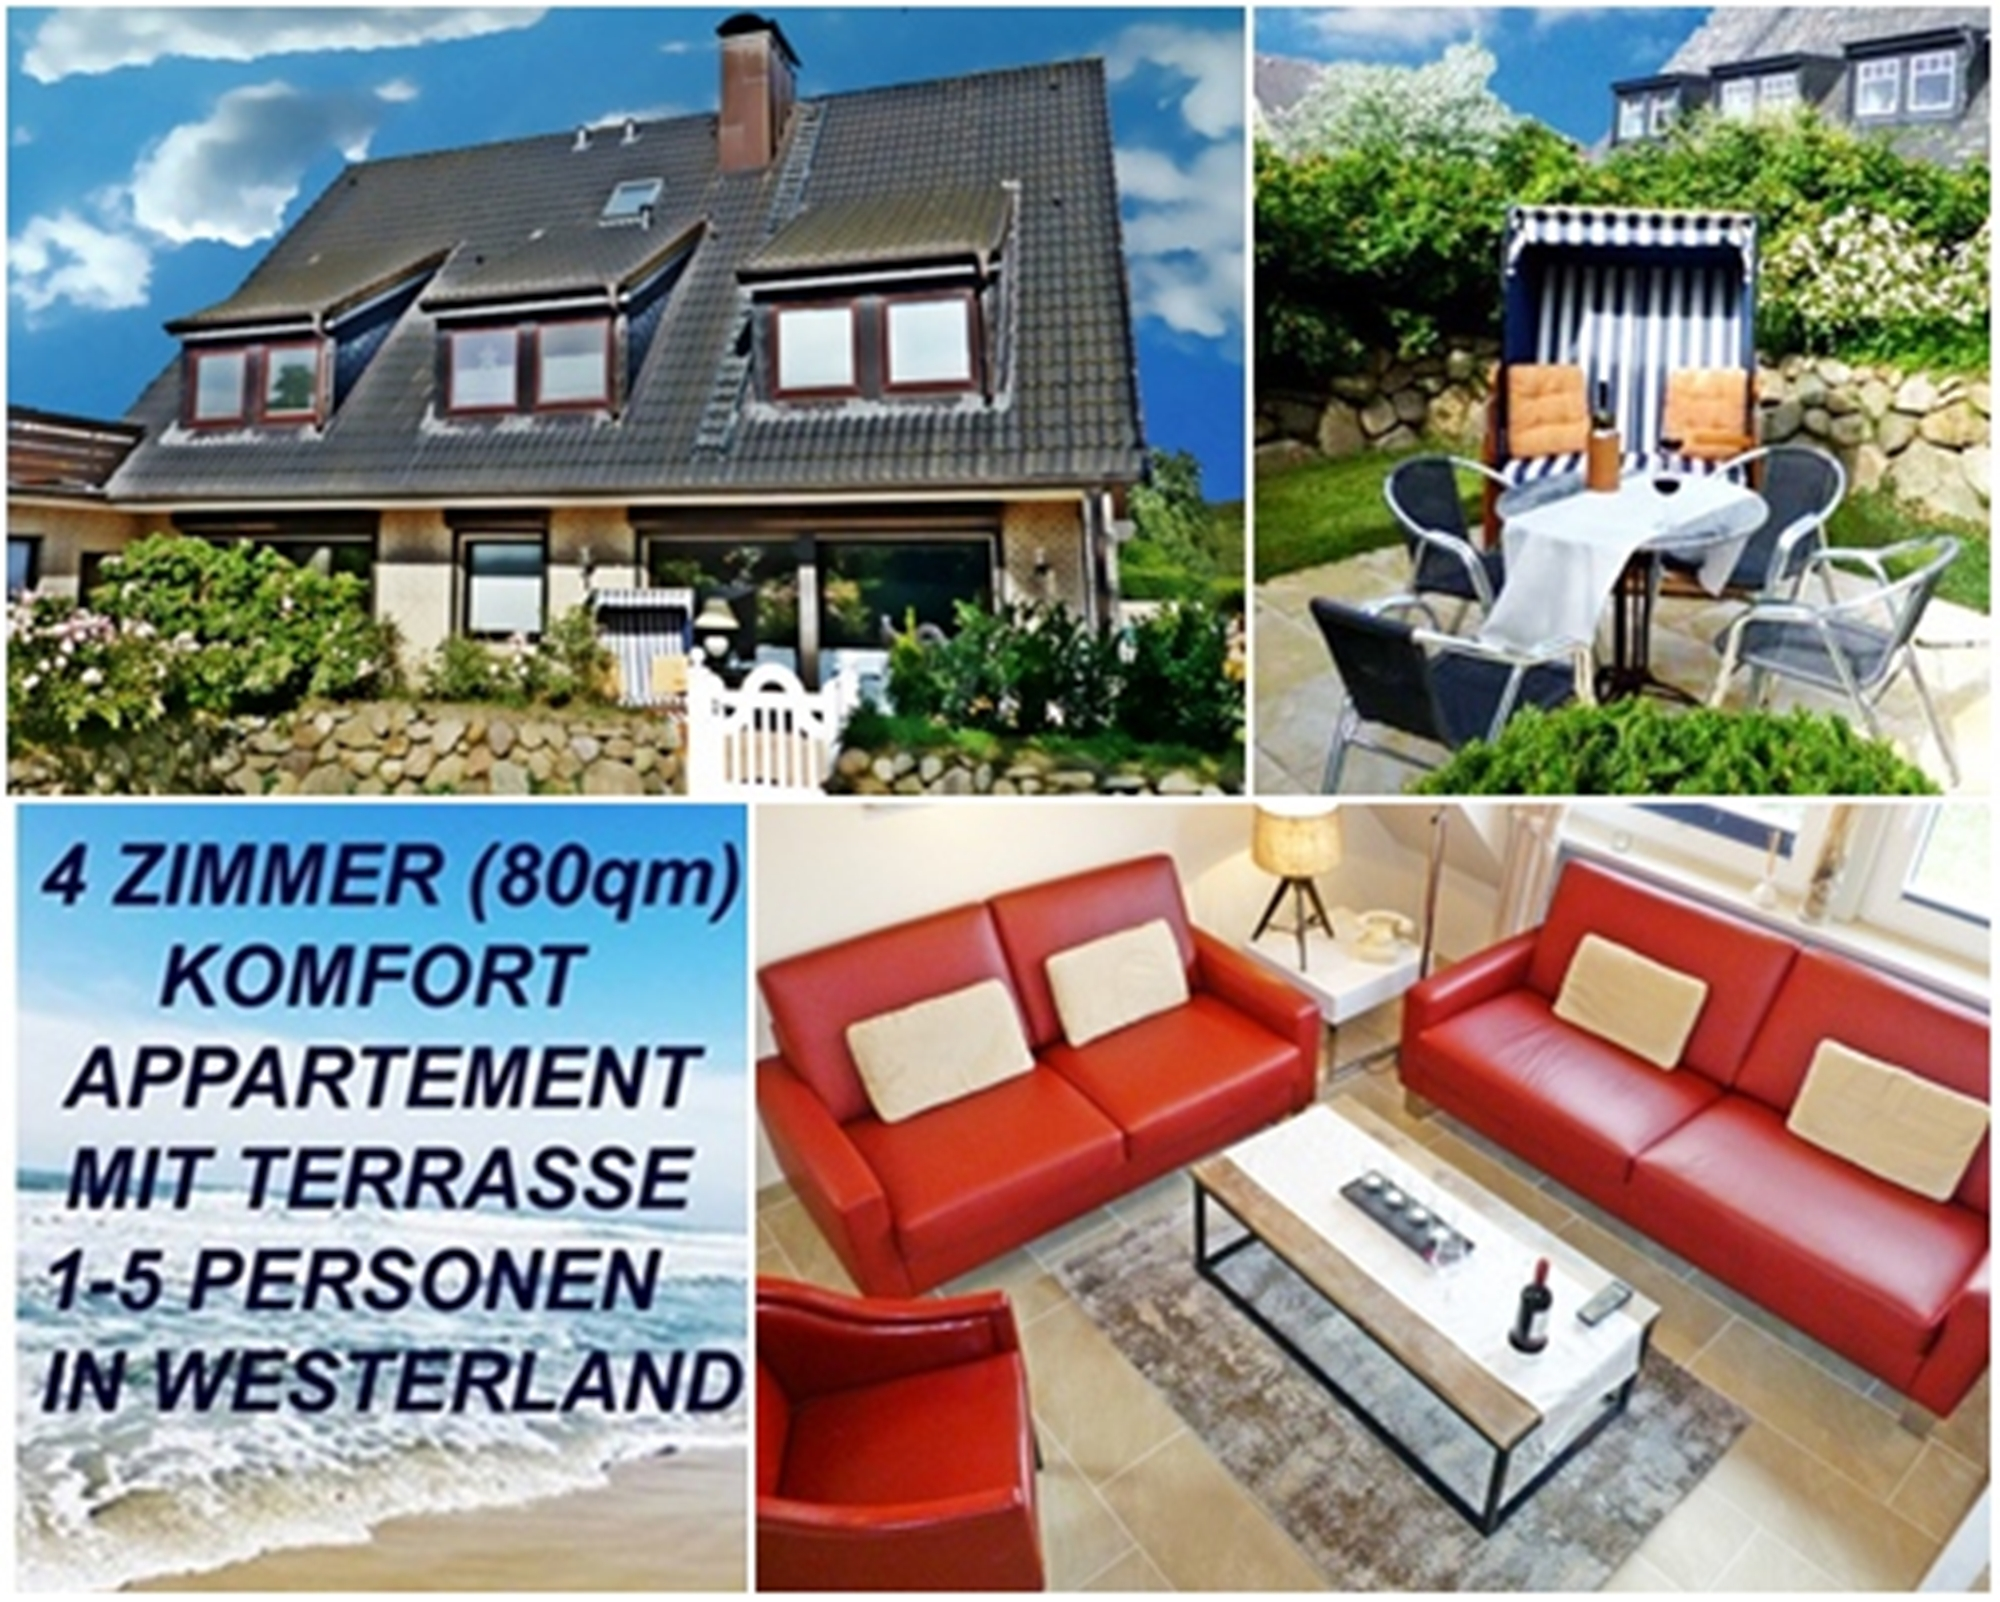 Ferienwohnung, FeWo SYLTER DEICHWIESE: 4 Zimmer, Garten, 2-5 Pers ...